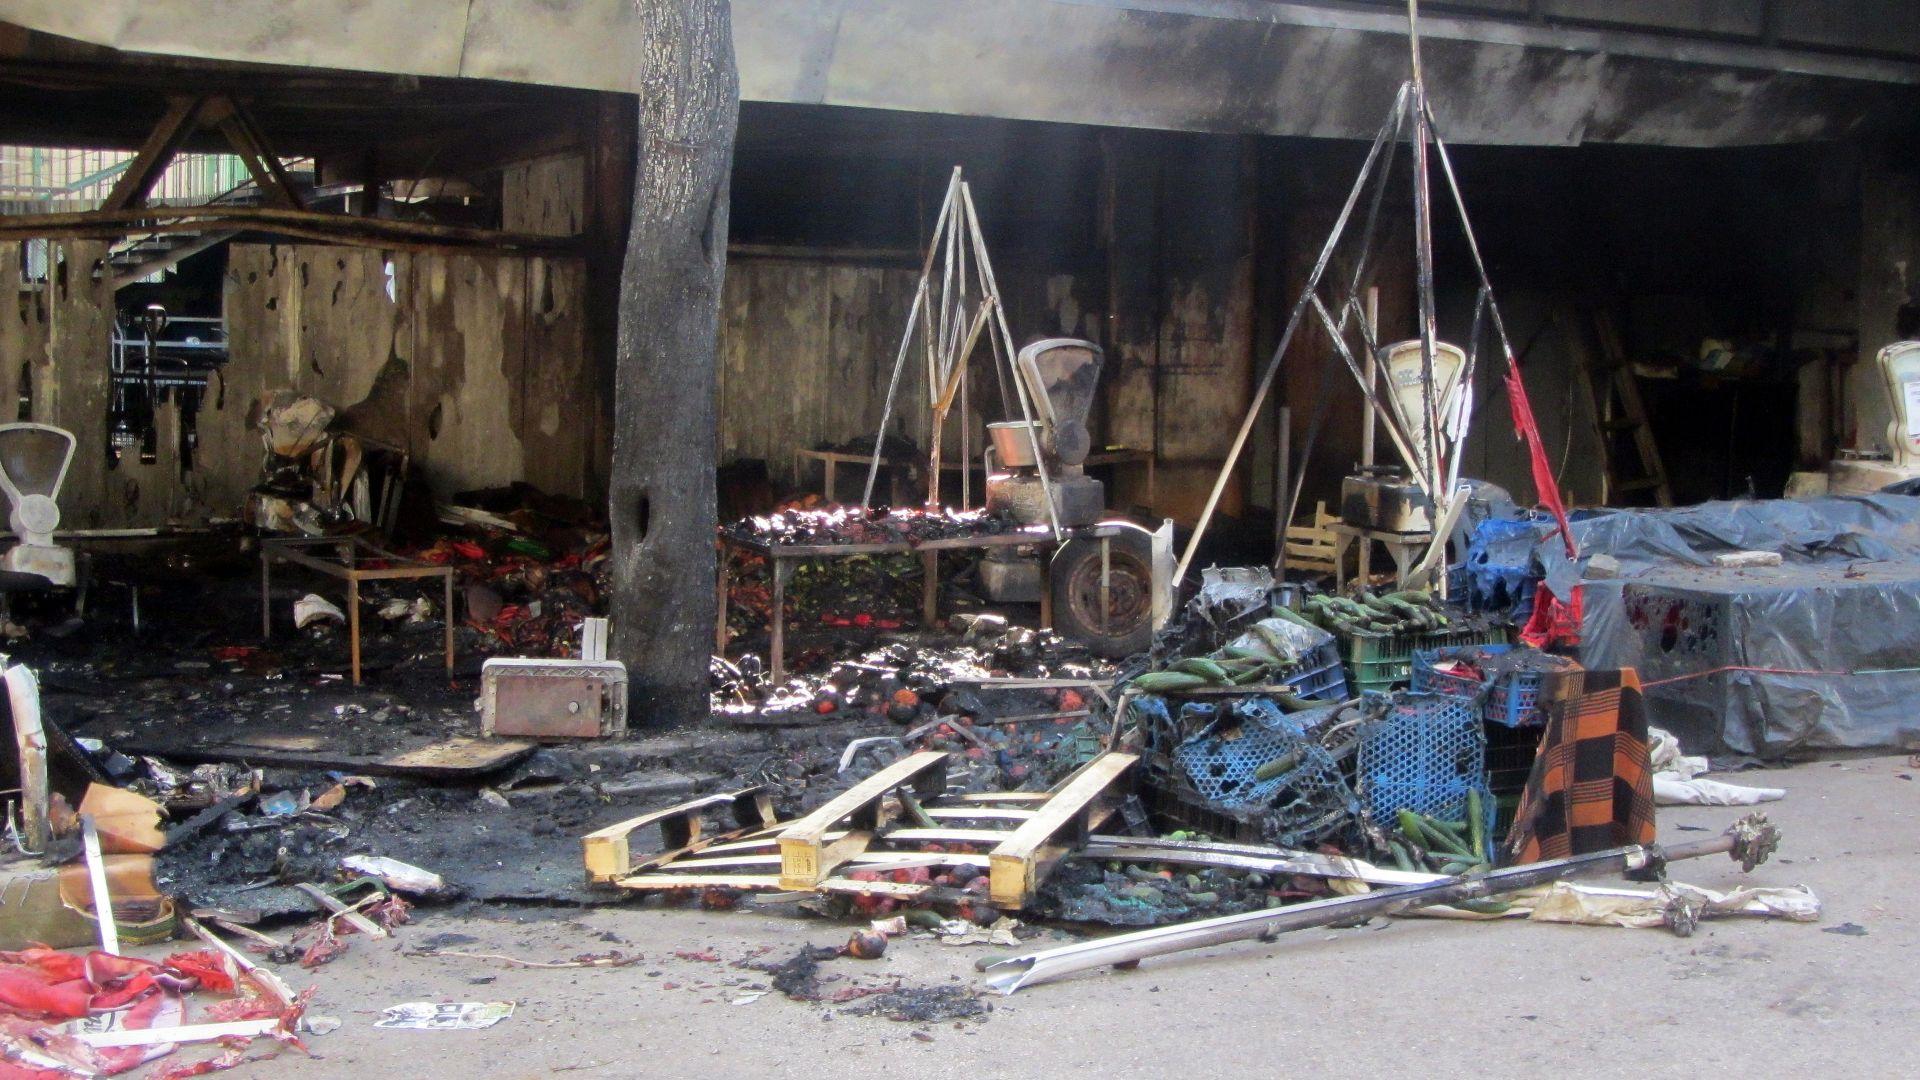 Започват разследване за палеж след възникналия пожар на пазара на Перник